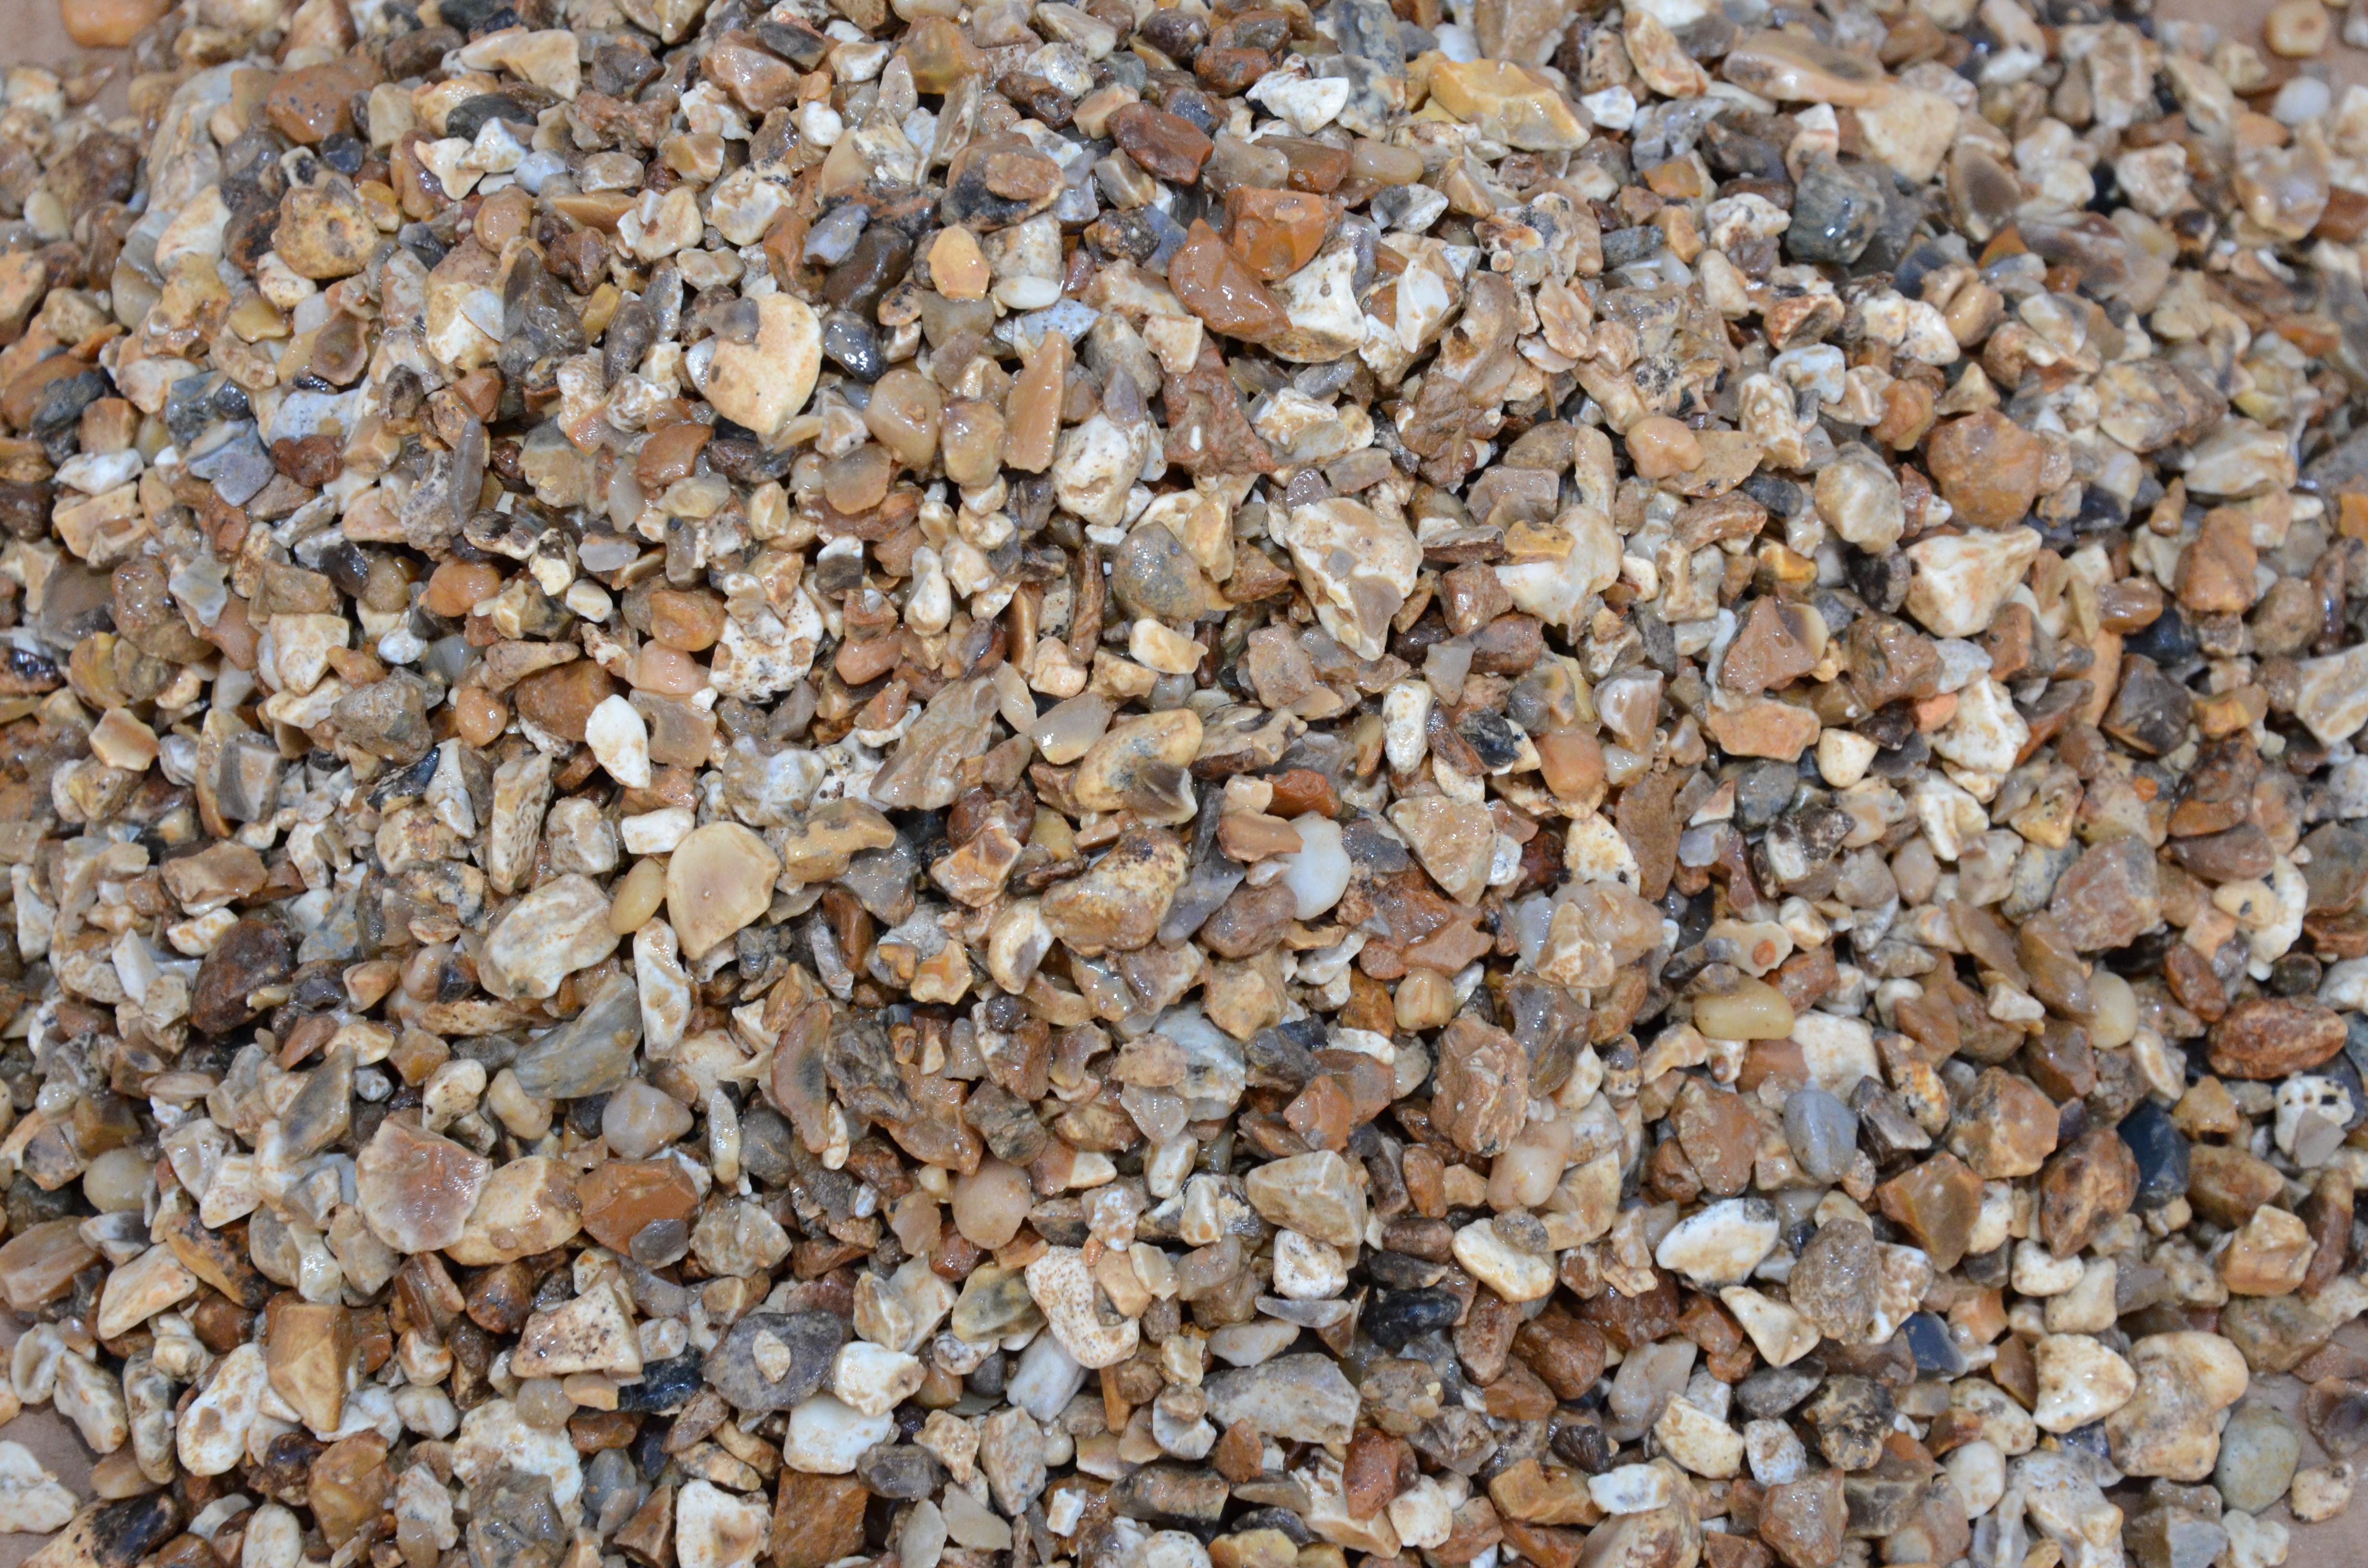 Sand And Gravel : Mm flint gravel dorset